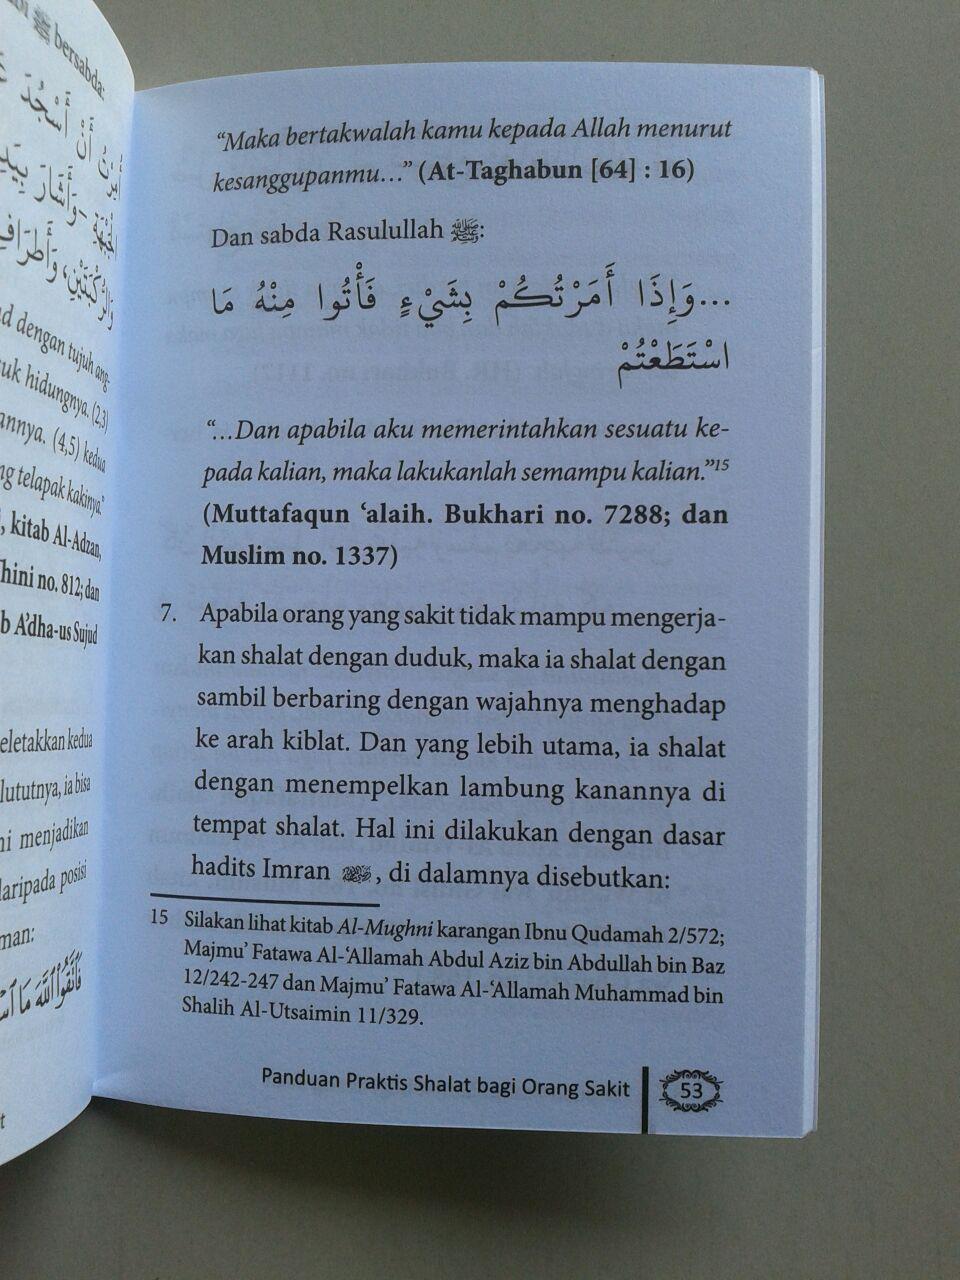 Buku Saku Panduan Praktis Shalat Bagi Orang Sakit Menurut Sunnah isi 2